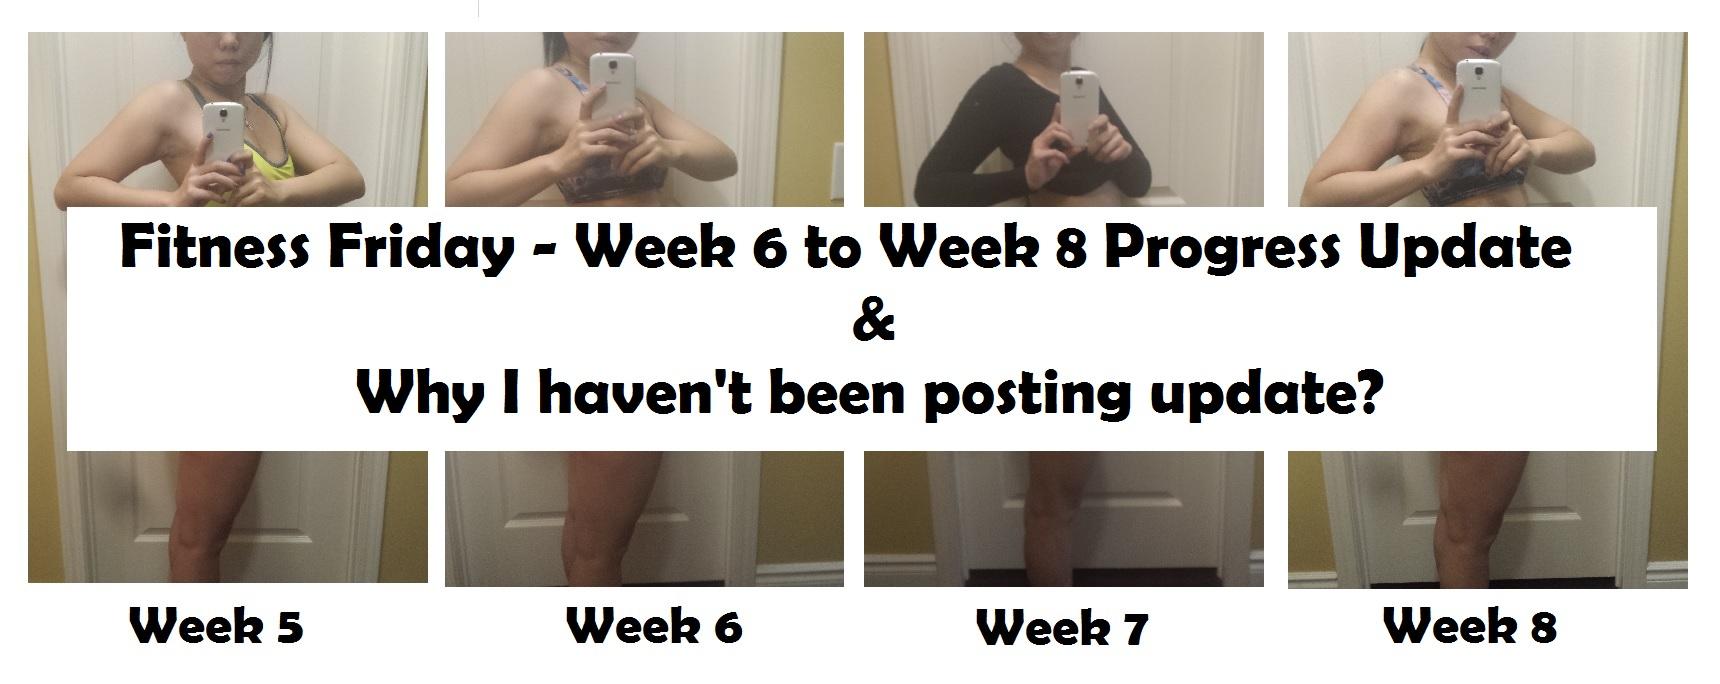 Profile Pics Week 5 to Week 8 FB